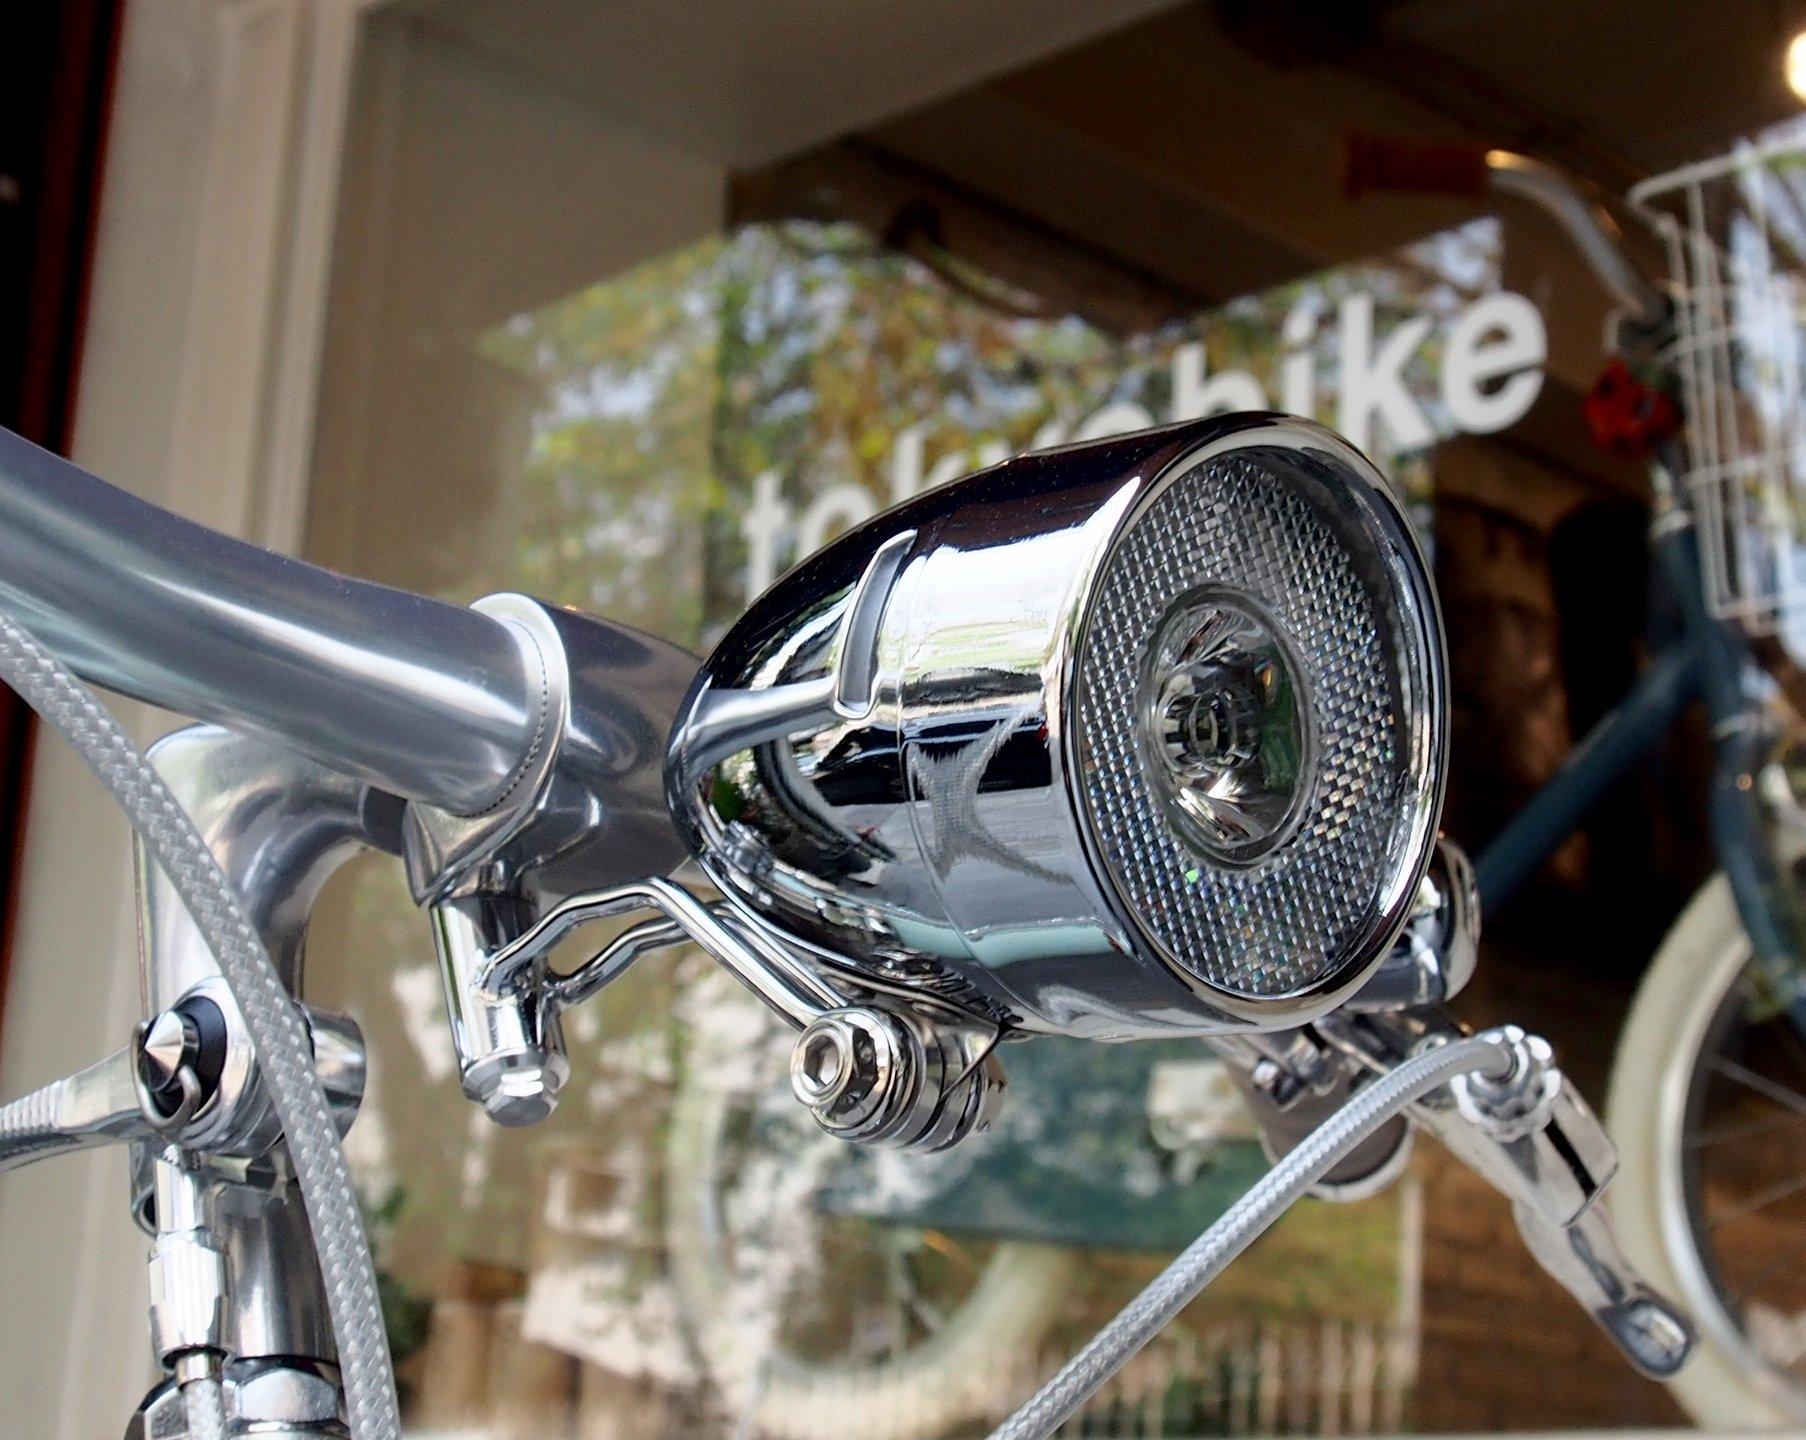 อุปกรณ์จักรยาน ทำขึ้นพิเศษ สำหรับยึดติดไฟหน้าแบบวินเทจ ที่ใต้ stem กลางแฮนด์